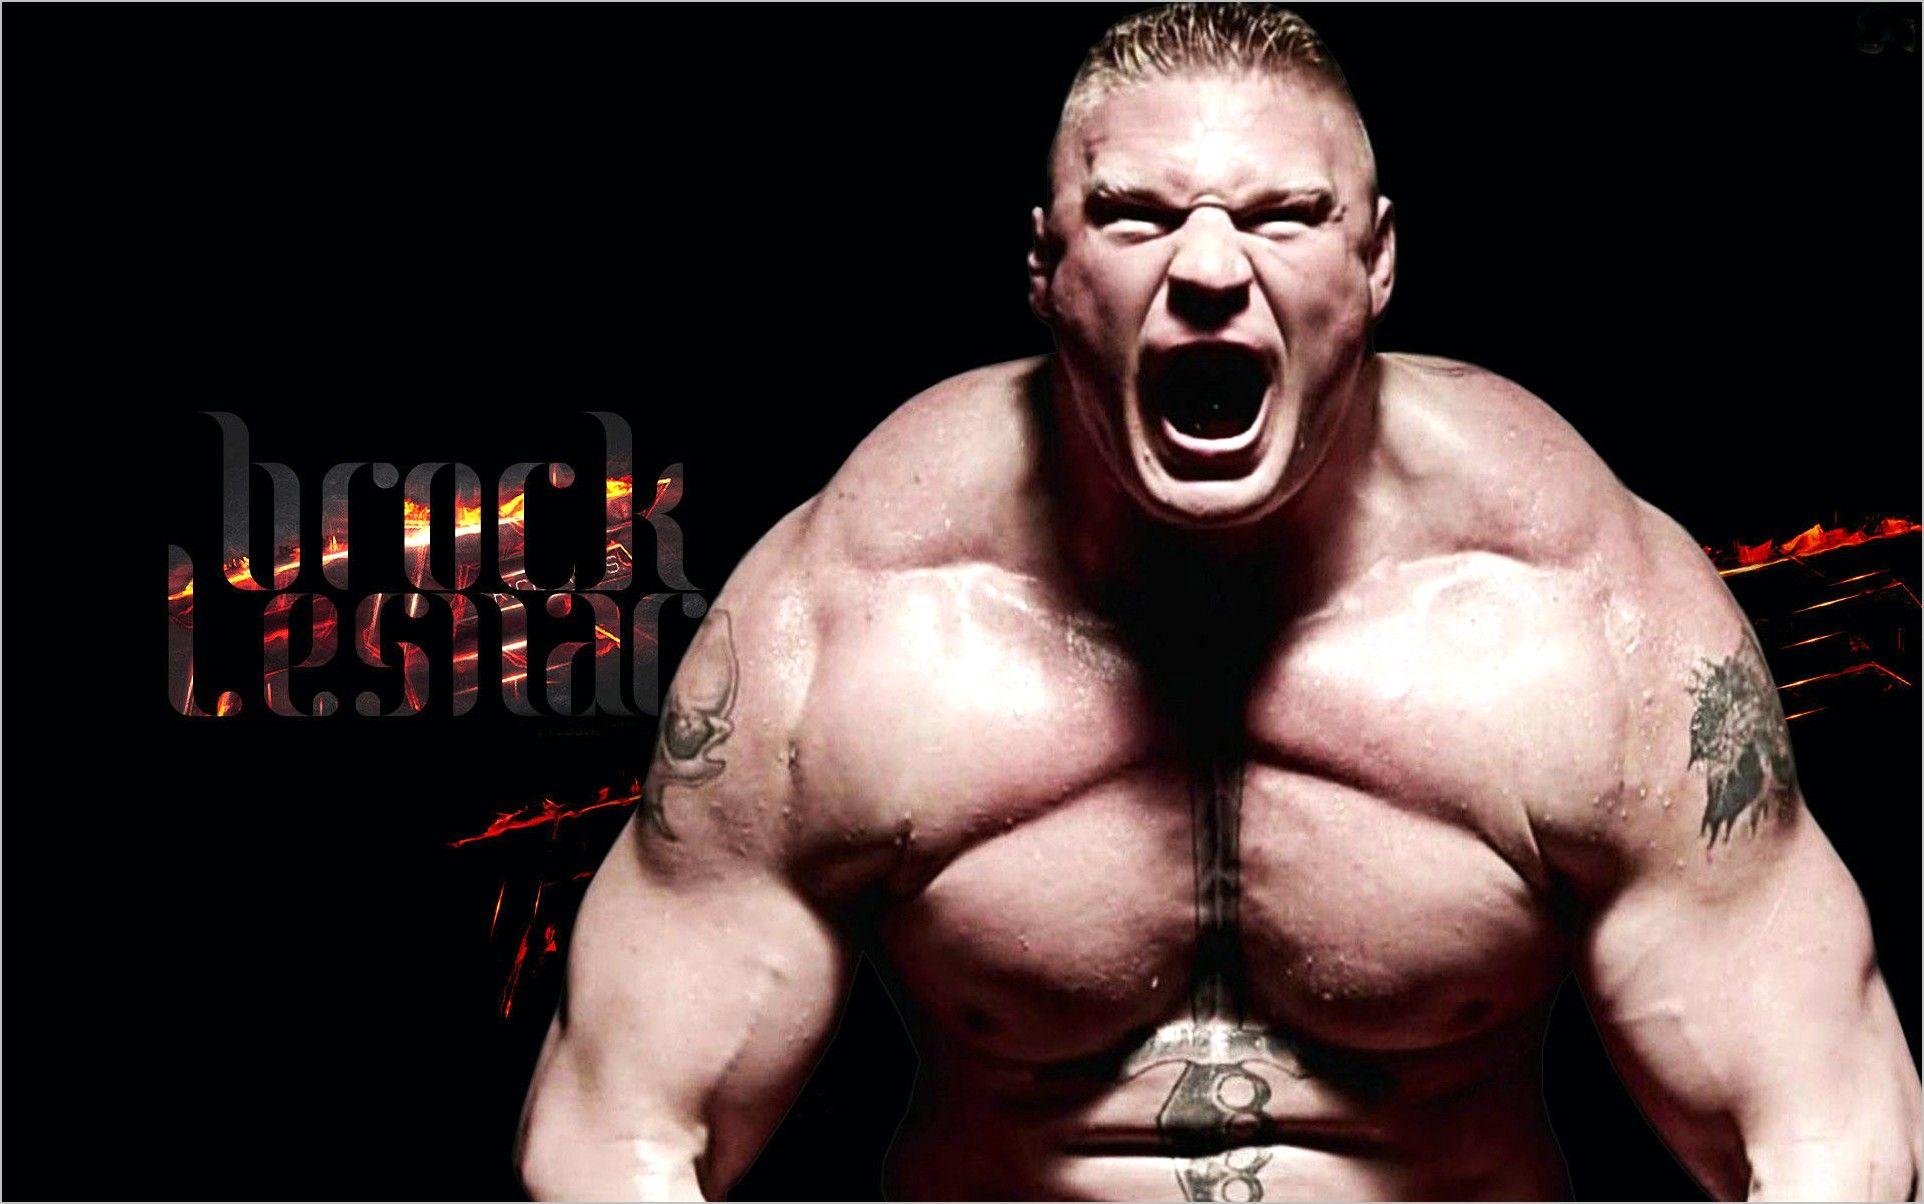 Brock Lesnar Wallpaper 4k Wwe Brock Brock Lesnar Brock Lesnar Wwe